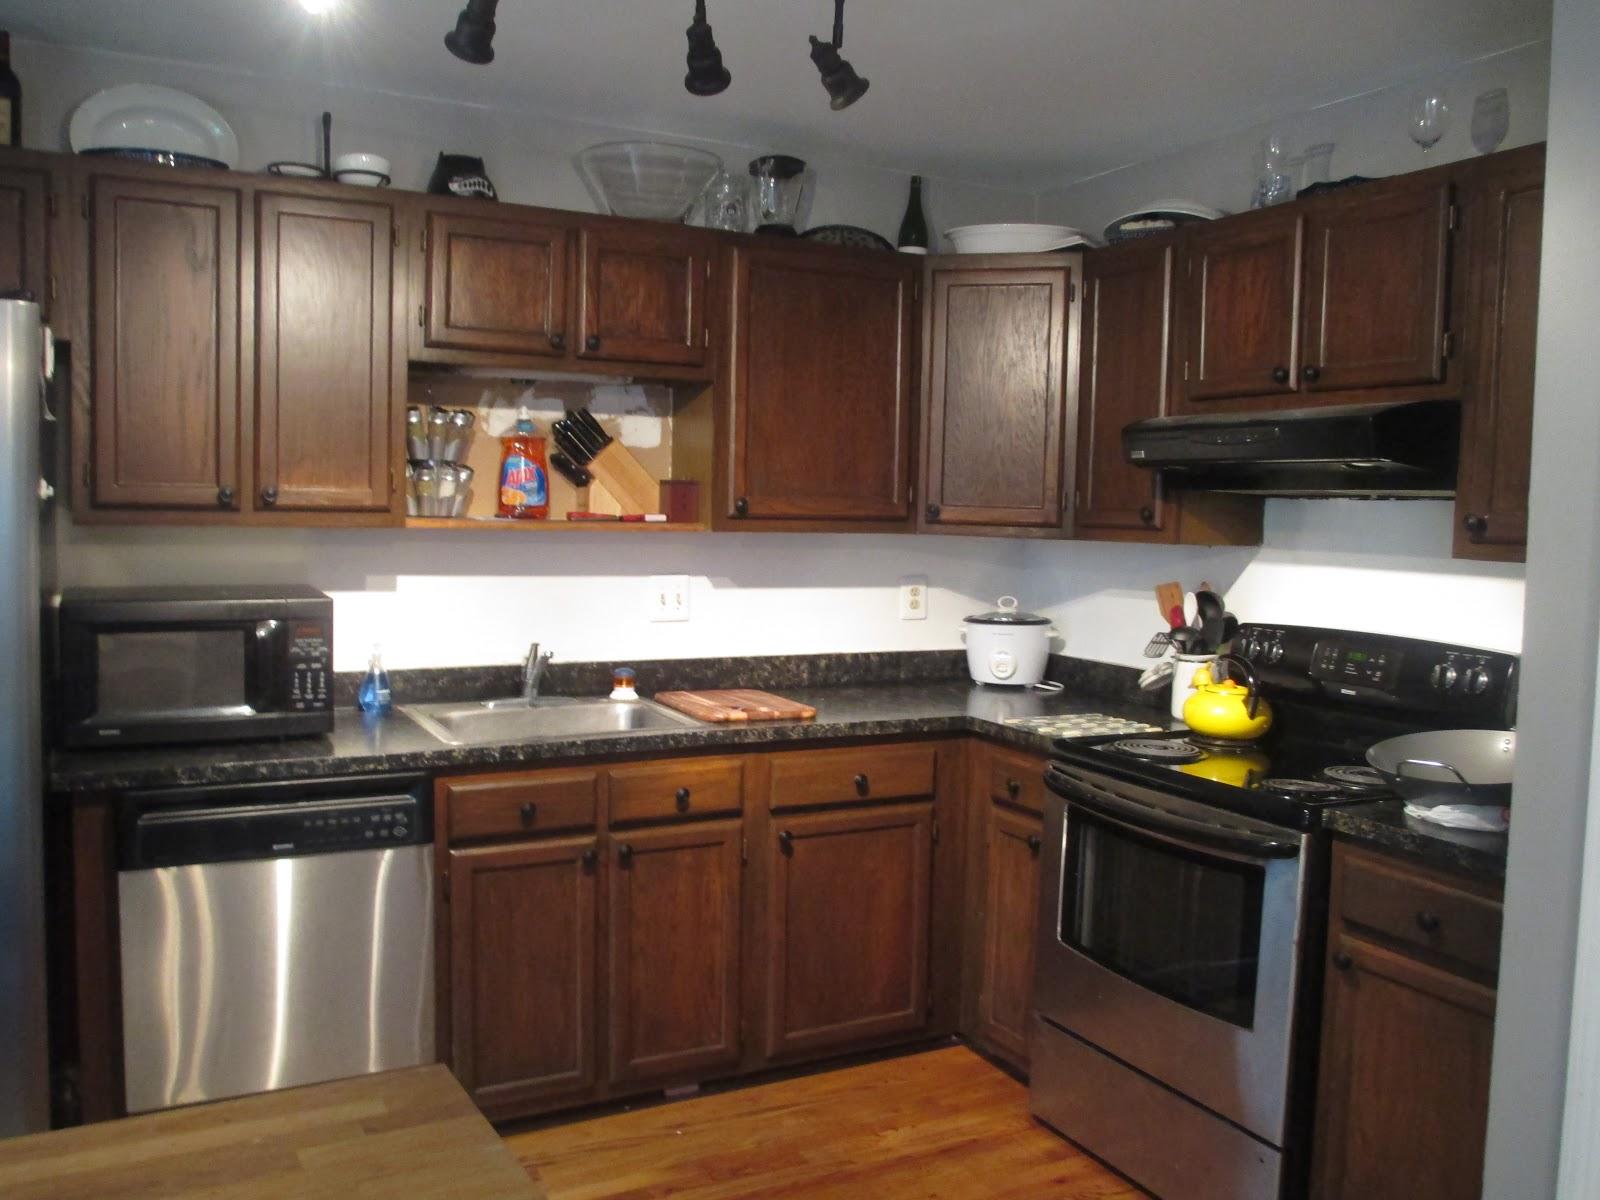 Restaining Kitchen Cabinets With Gel Stain Besto Blog